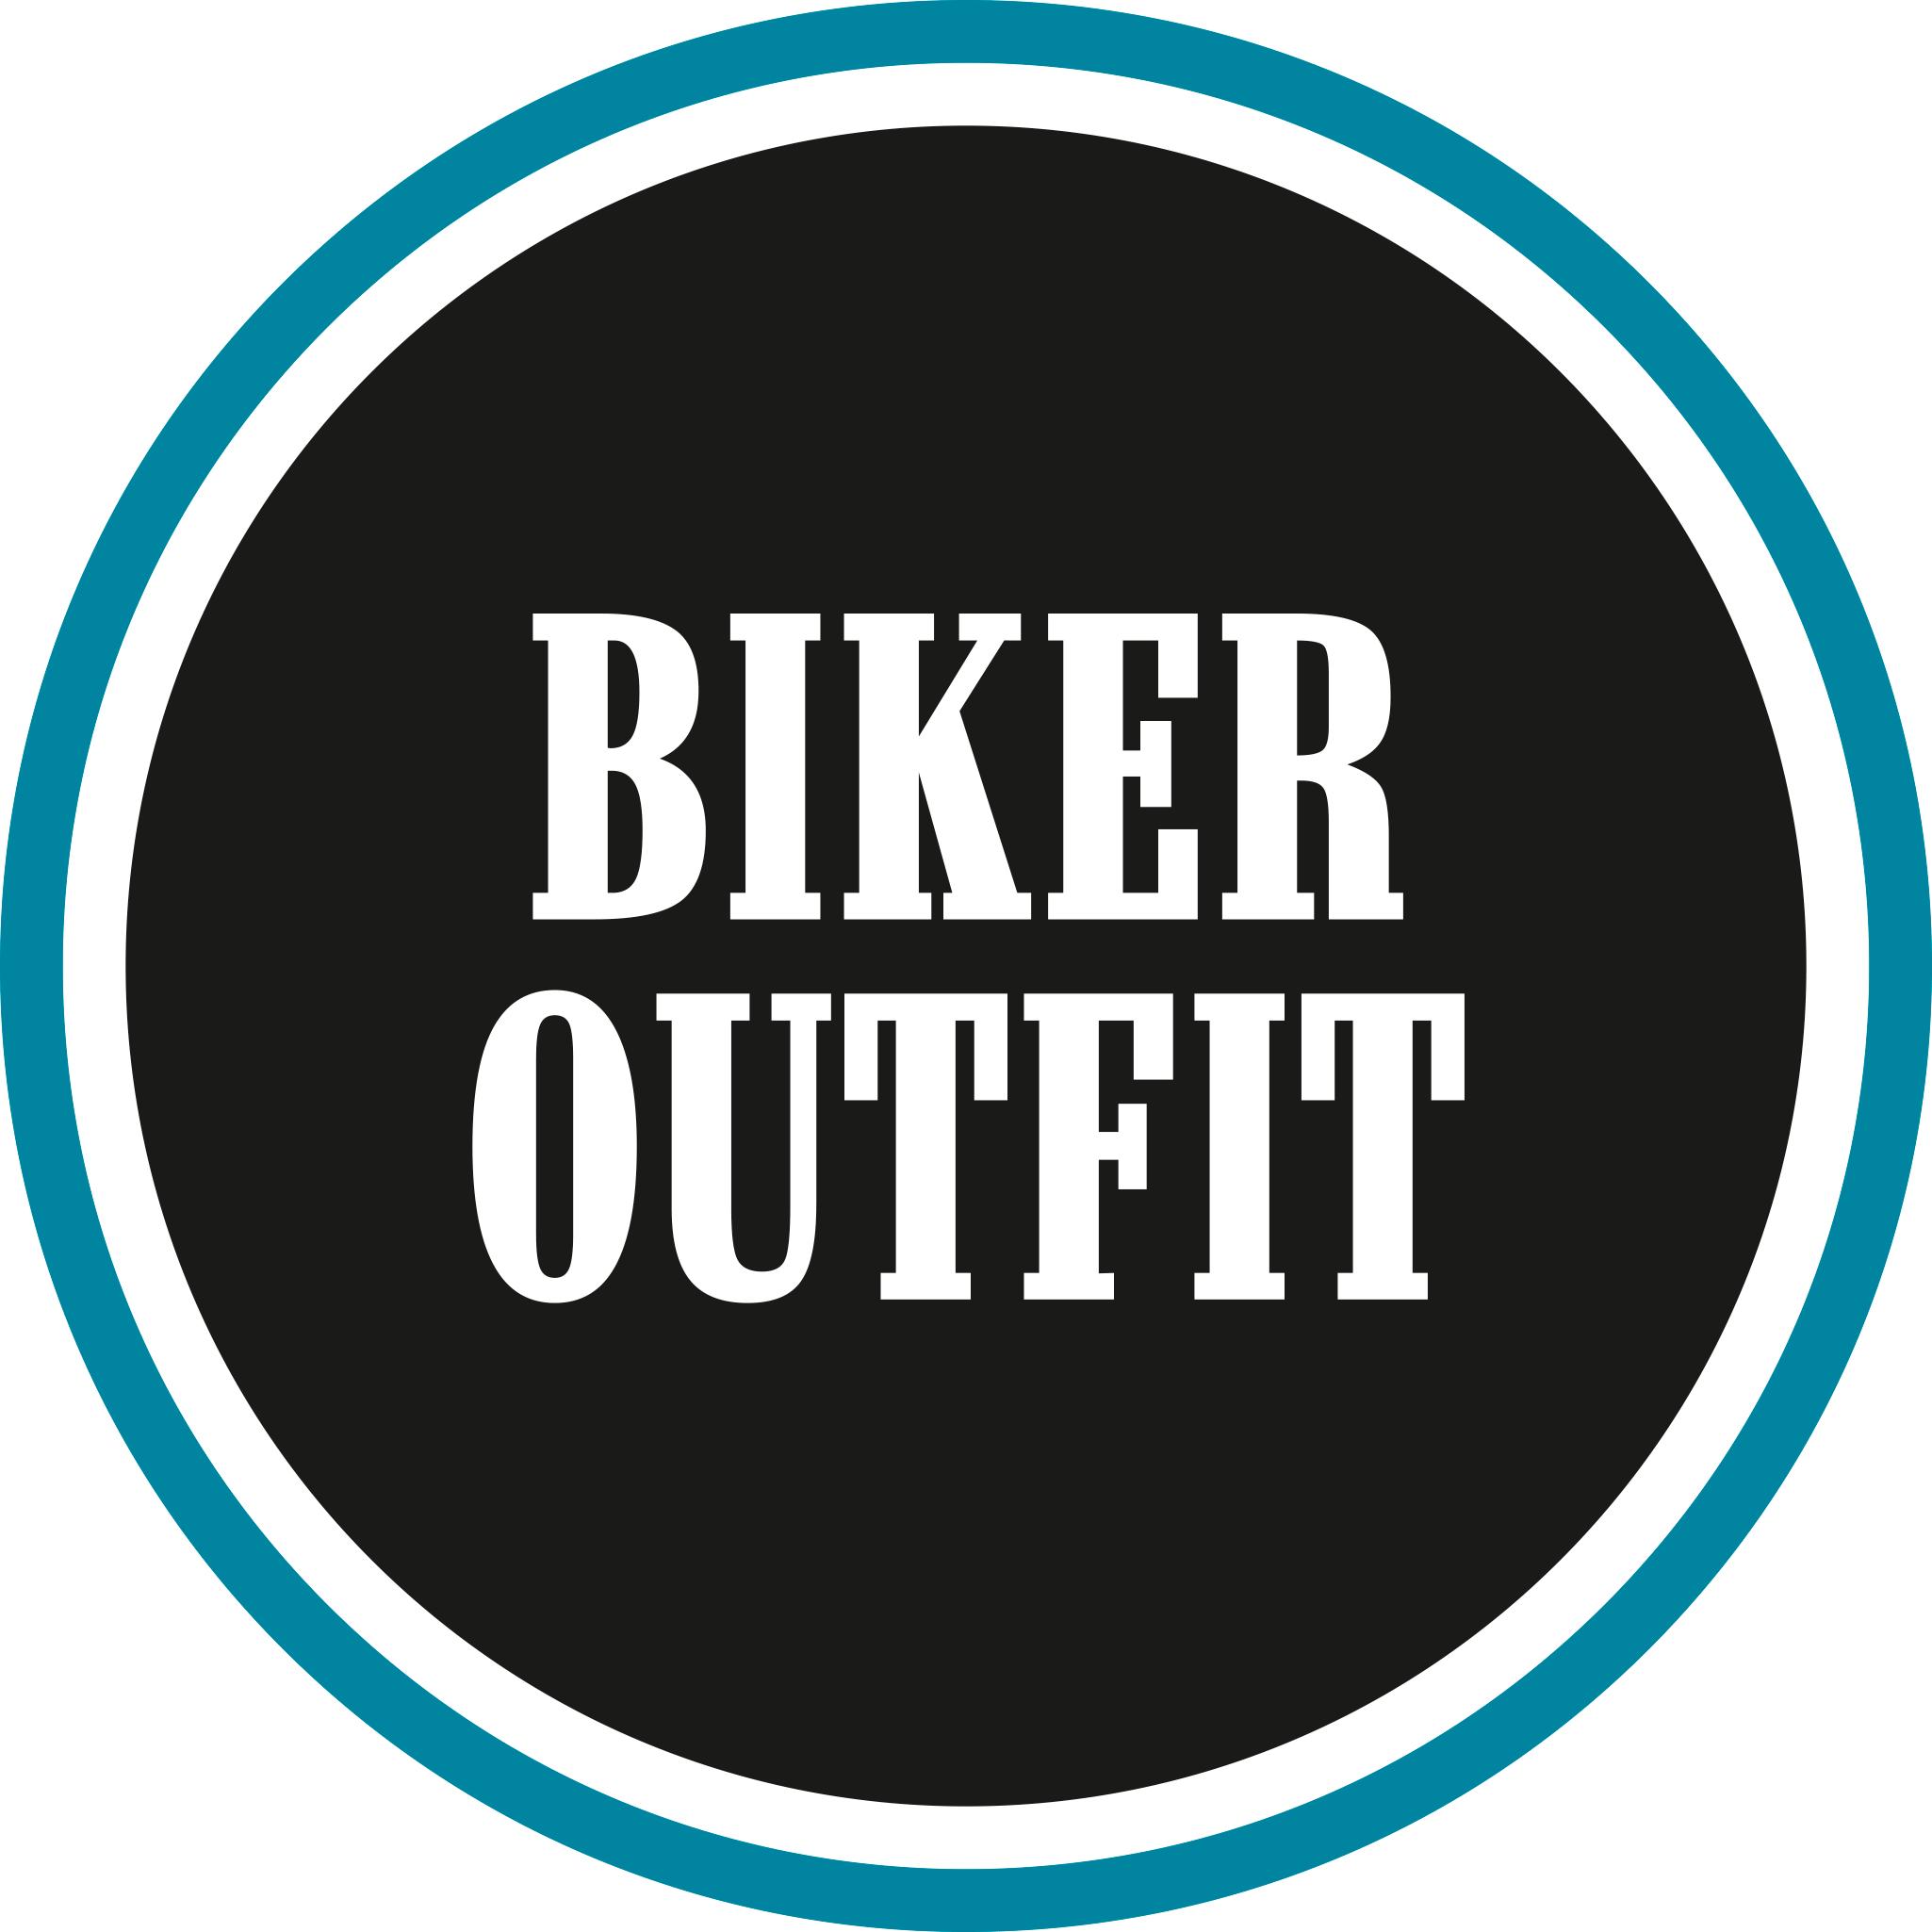 Motorkleding | Alle topmerken en gratis verzending vanaf €50 | Biker Outfit